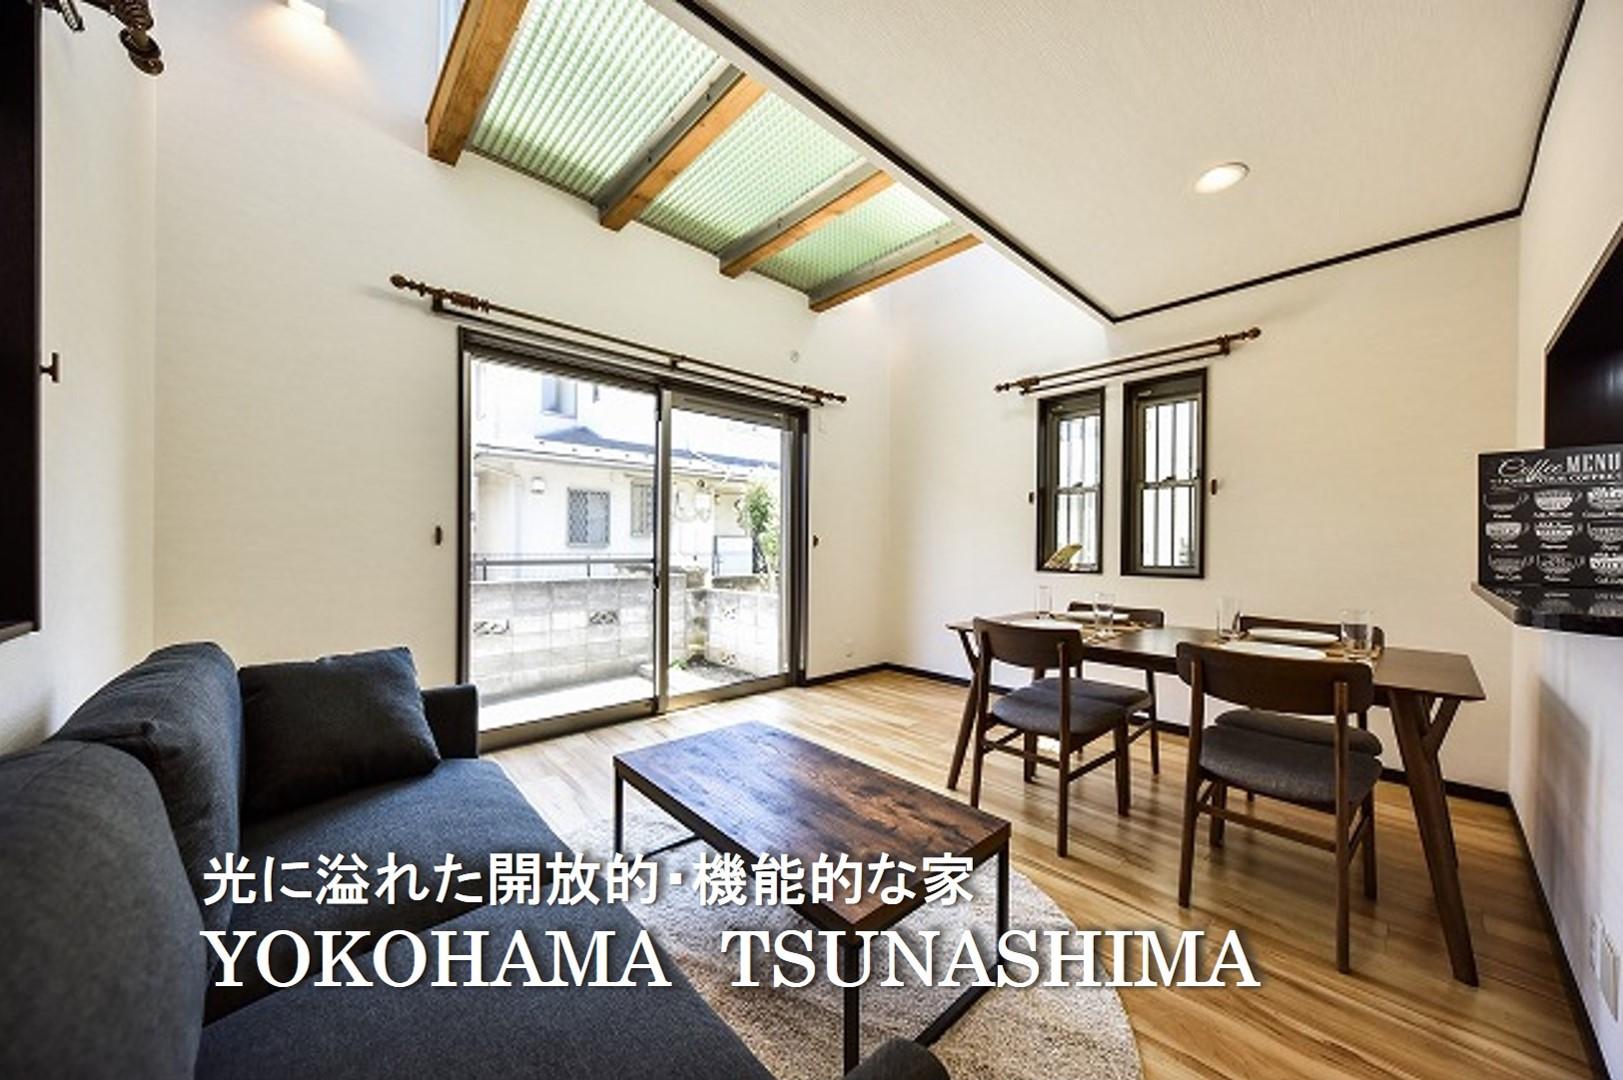 光に溢れた開放的・機能的な家 綱島 YOKOHAMA TSUNASHIMA